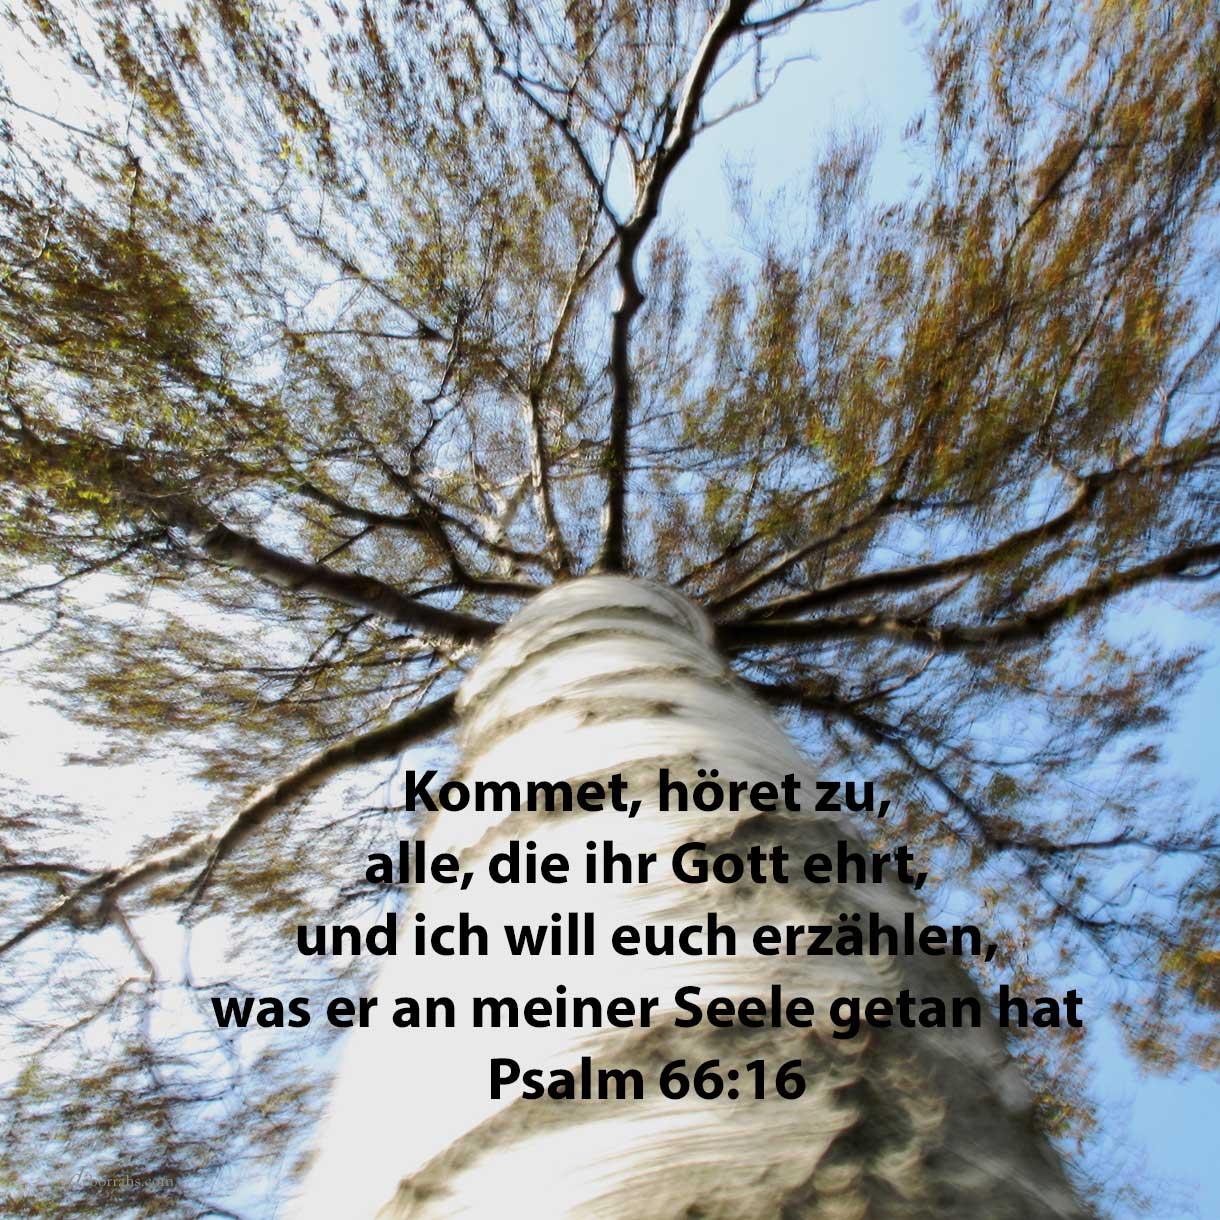 Kommet, höret zu, alle, die ihr Gott fürchtet, und ich will erzählen, was er an meiner Seele getan hat ( Ps 66,16 )